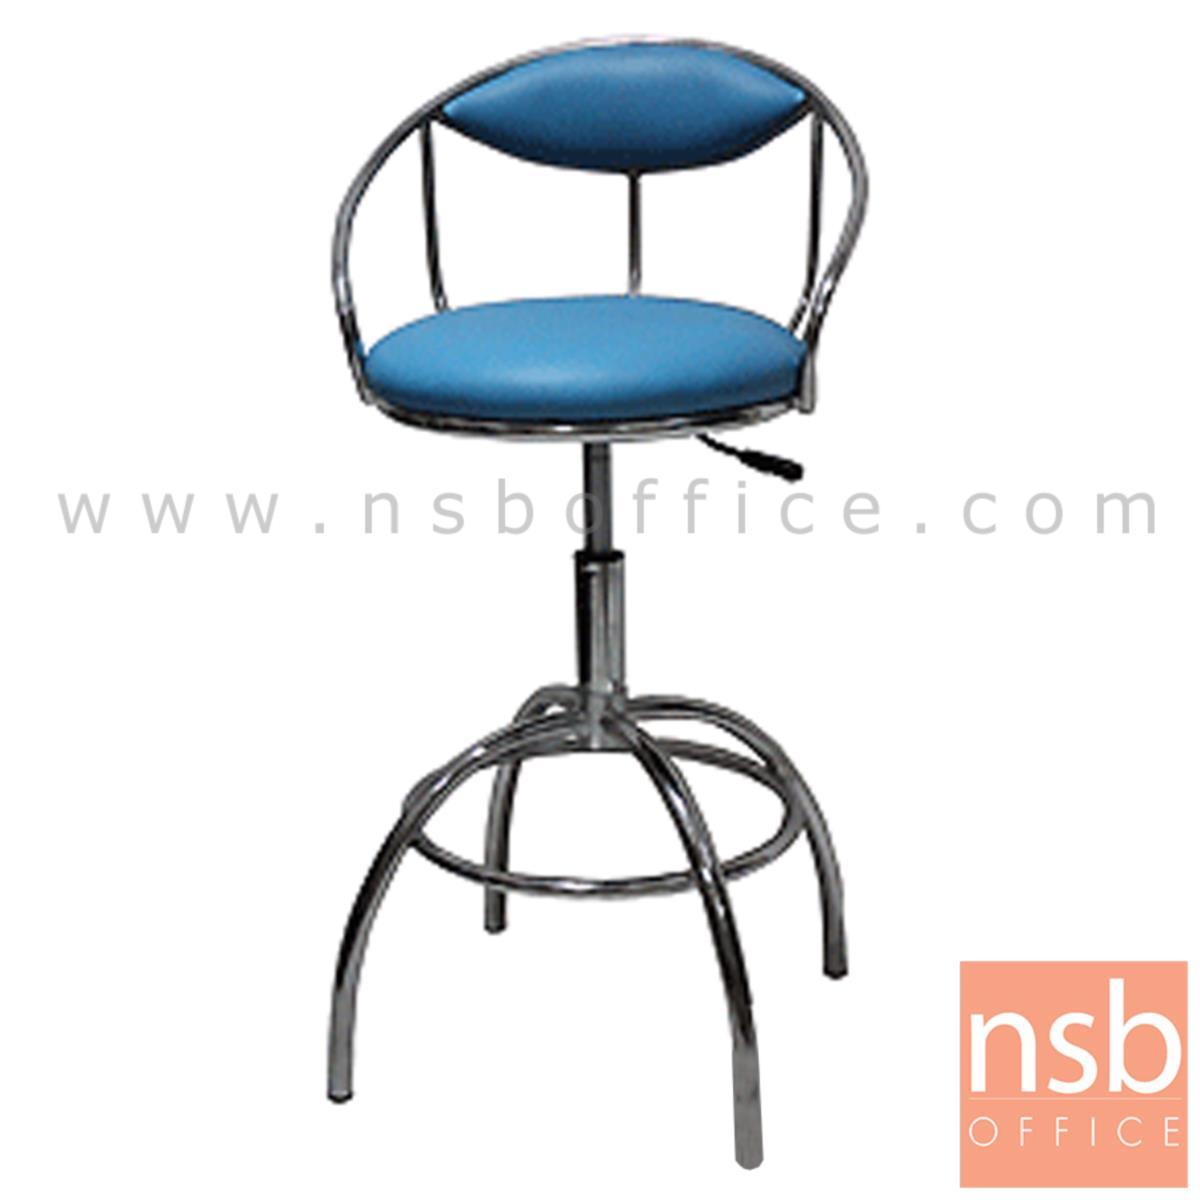 B09A109:เก้าอี้บาร์ที่นั่งกลม รุ่น Daryl (แดริล)  โช๊คแก๊ส ขาเหล็กชุบโครเมี่ยม